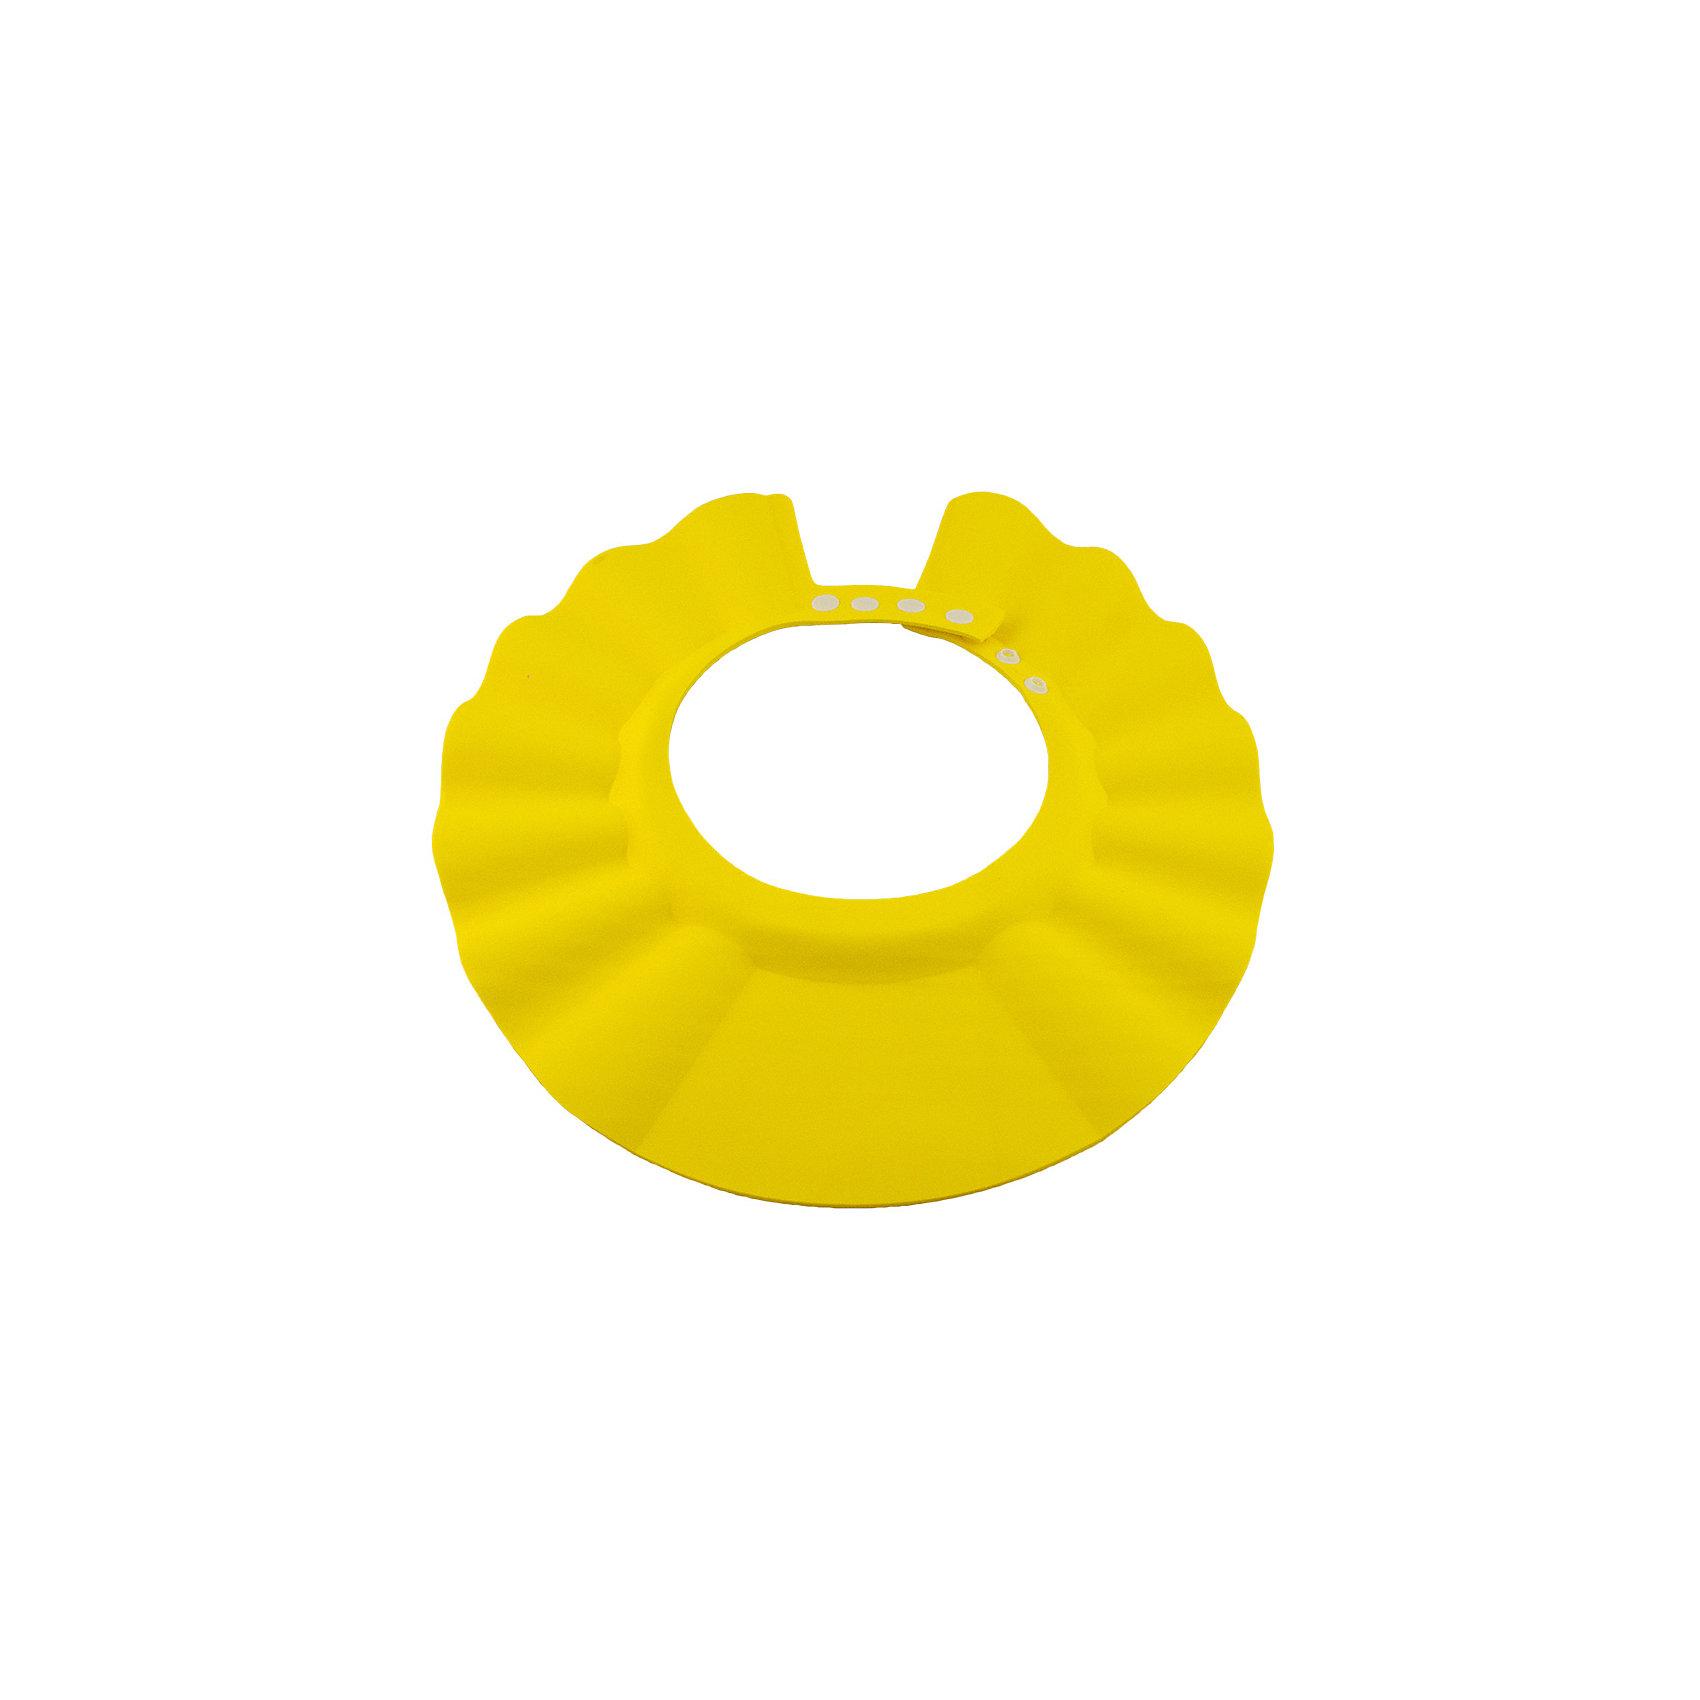 Козырек для душа, BabySwimmer, желтыйПрочие аксессуары<br>Многие малыши боятся купания и воды. причина проста. Им попадает в глазки мыльная вода, которая щиплет слизистую. Козырек для душа станет отличным решением данной проблемы. Конструкция прочно держится на голове, не сдавливая кожу и не доставляя дискомфорт. Глаза и уши ребенка будут всегда защищены от раздражающих жидкостей. Козырек можно использовать для детских парикмахерских услуг. Все материалы, использованные при разработке и изготовлении складной ванночки безопасны для использования, отвечают всем требованиям экологичности и качества детских товаров, а так же гипоаллергенны.<br><br>Дополнительная информация:<br><br>цвет: желтый.<br><br>Козырек для душа Baby Swimmer можно приобрести в нашем магазине.<br><br>Ширина мм: 310<br>Глубина мм: 25<br>Высота мм: 365<br>Вес г: 40<br>Возраст от месяцев: 0<br>Возраст до месяцев: 36<br>Пол: Унисекс<br>Возраст: Детский<br>SKU: 4968120